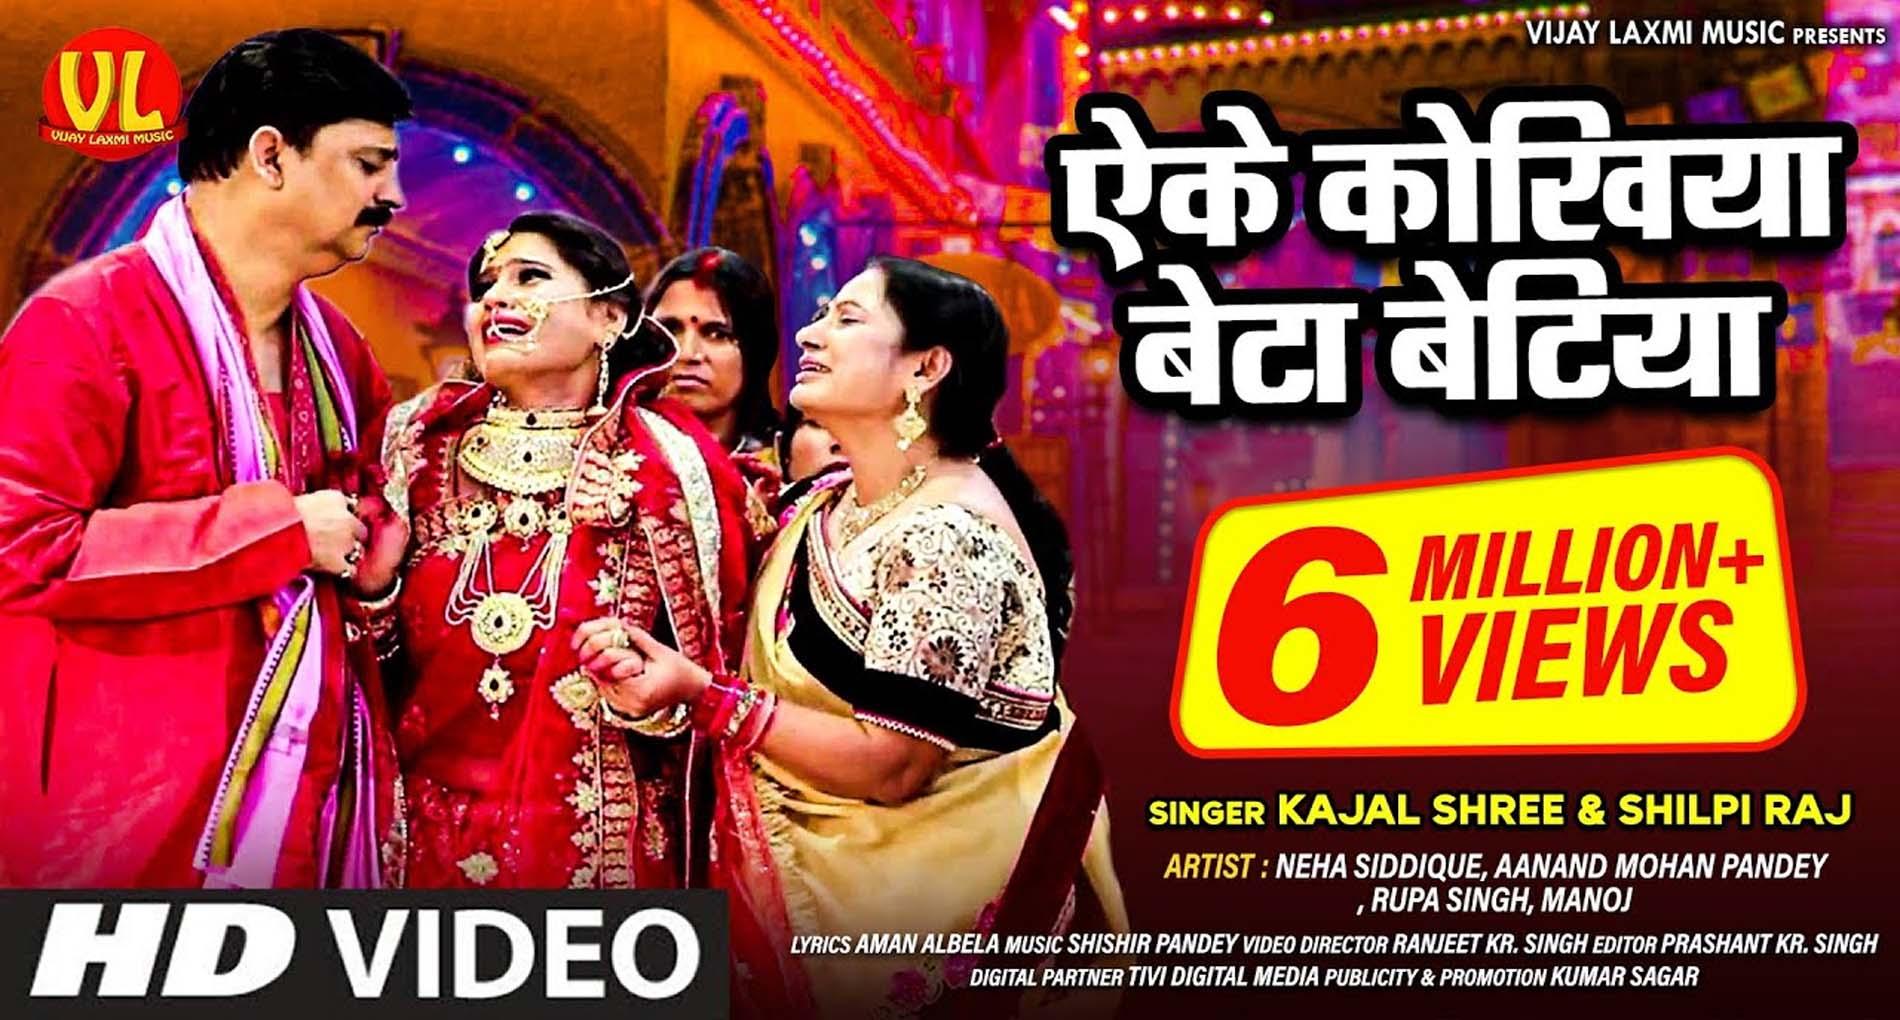 भोजपुरी विवाह गीत हुआ वायरल! वीडियो पर मिले 60 लाख से ज्यादा व्यूज